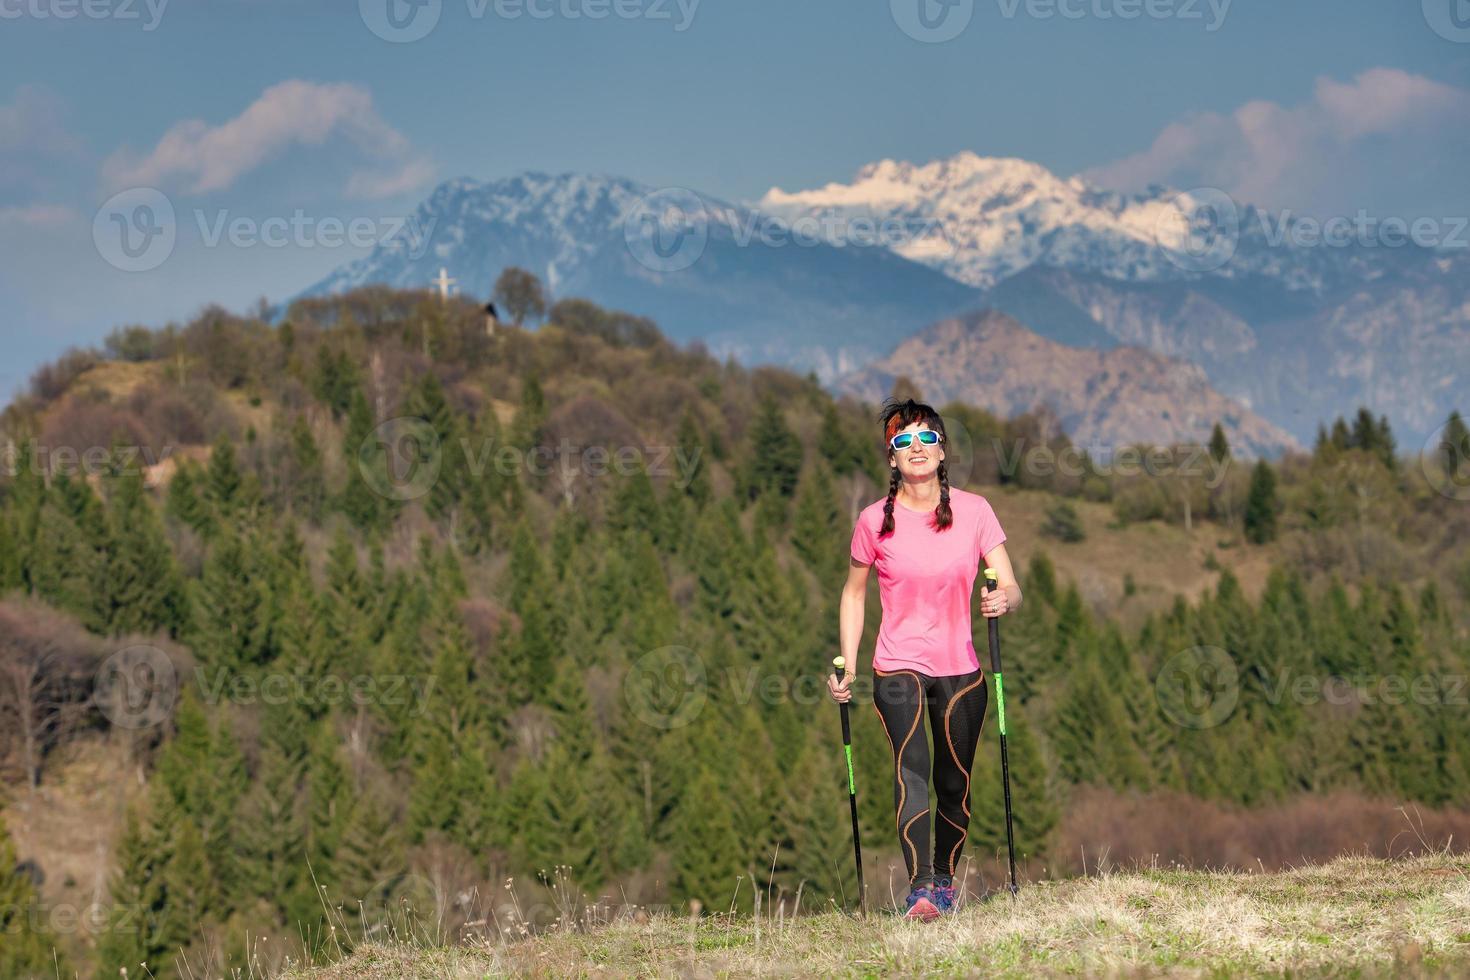 primavera en las montañas entre verde y nieve. una chica solitaria durante una caminata foto